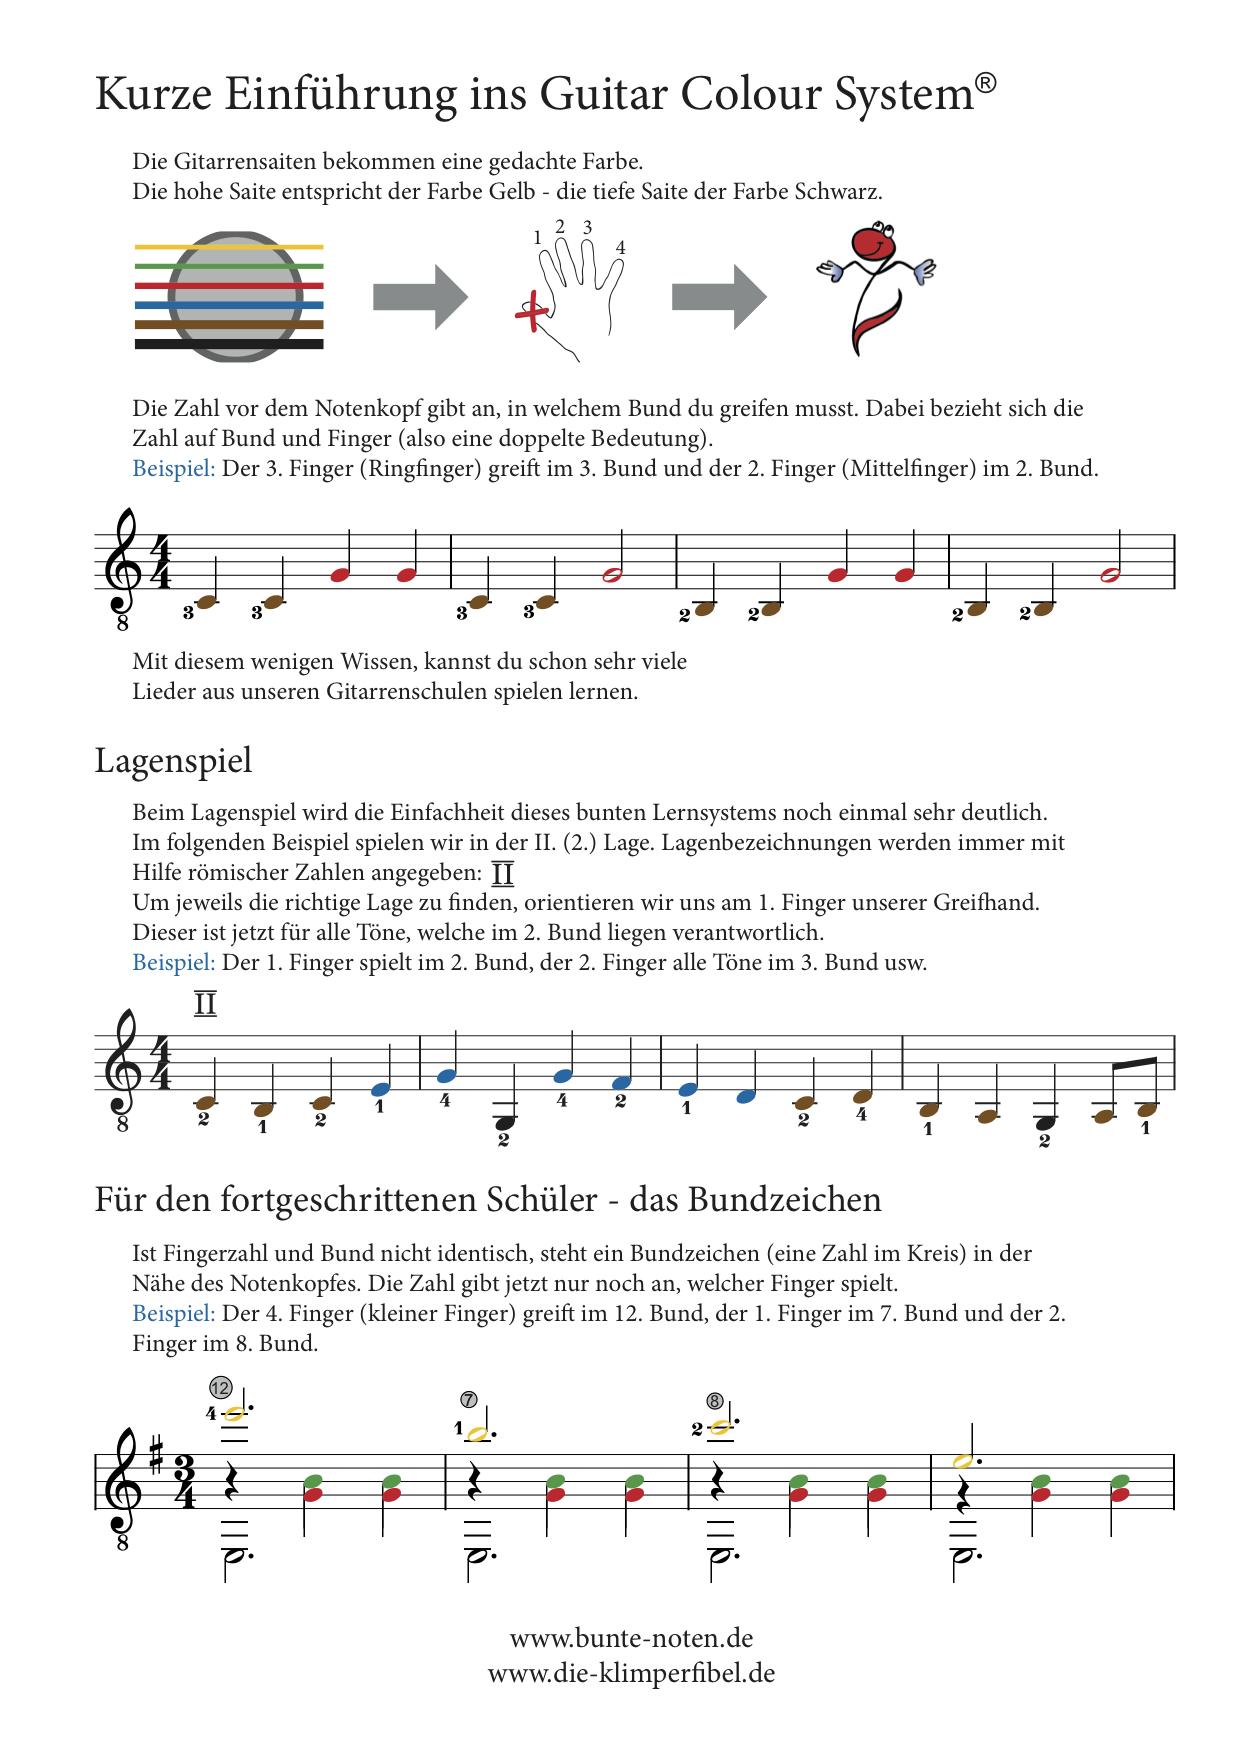 Amazing Denke Das Weihnachtslied Arbeitsblatt Picture Collection ...